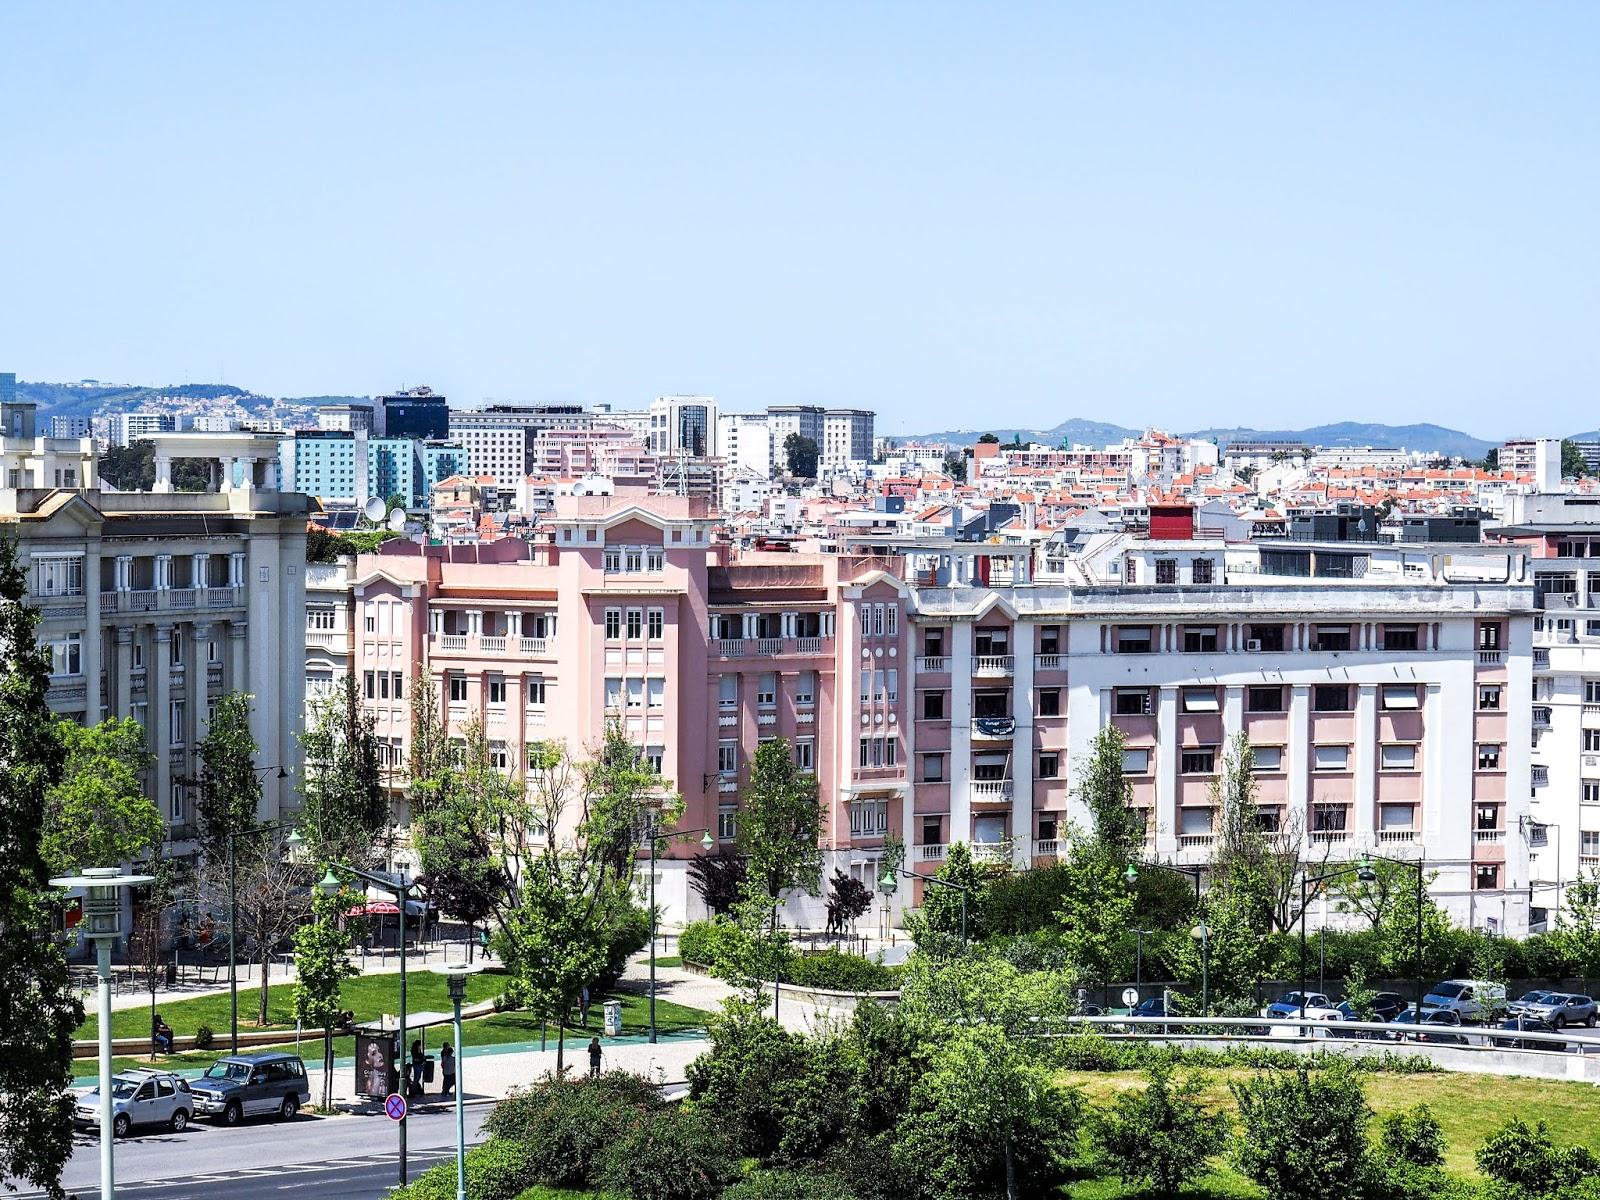 Kööpenhamina, Lanzarote, Lissabon, matkakohde